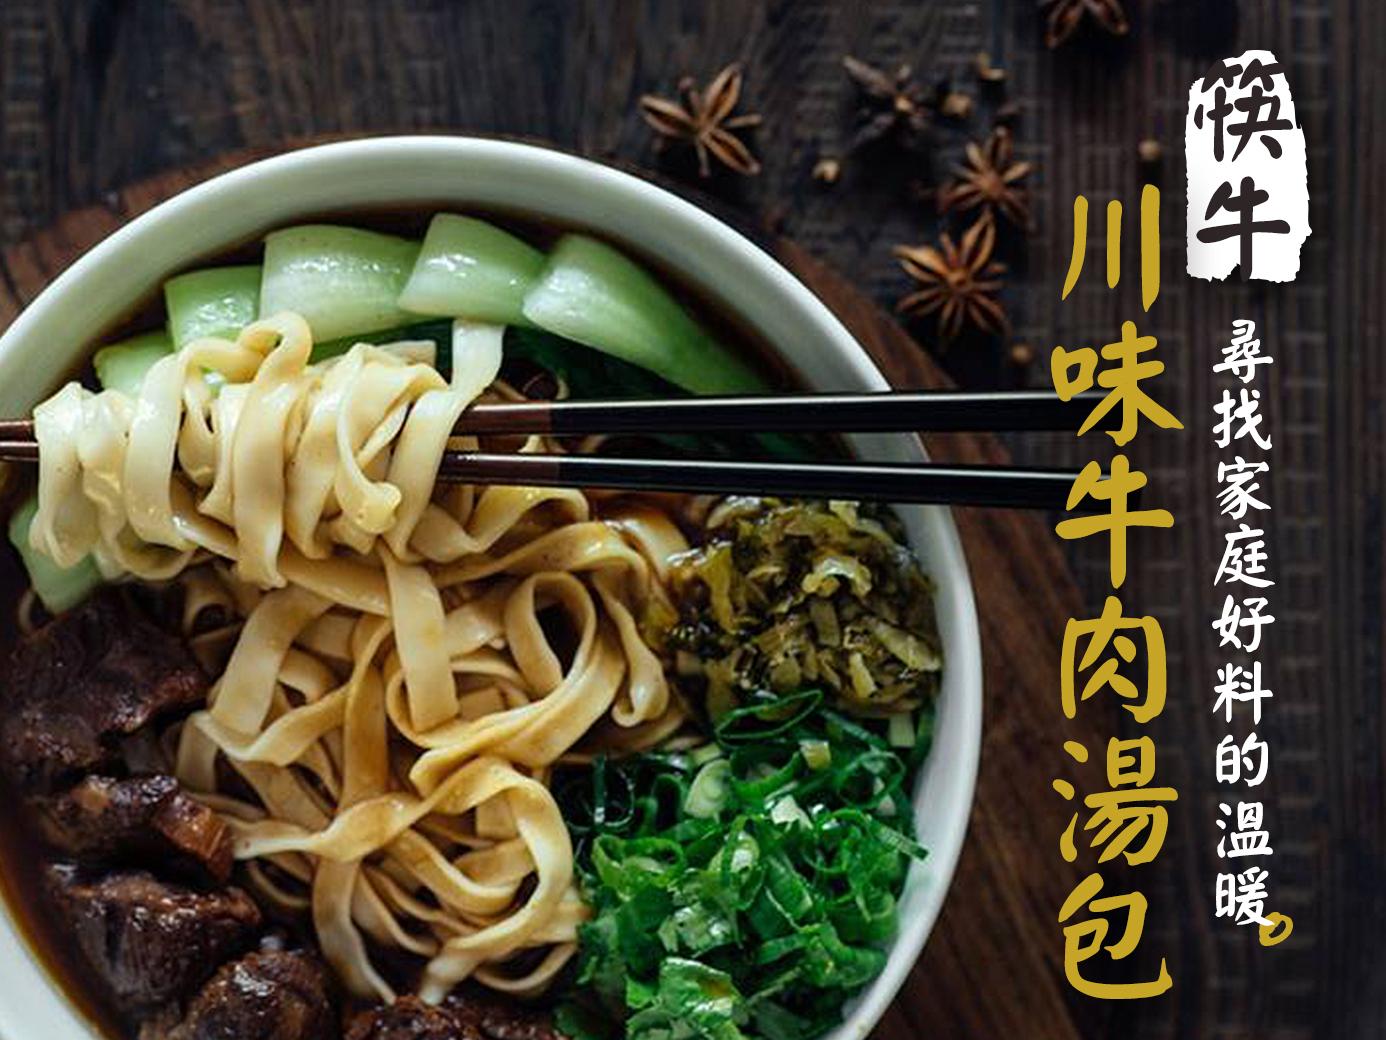 尋找家庭好料的溫暖,筷牛-川味牛肉湯包